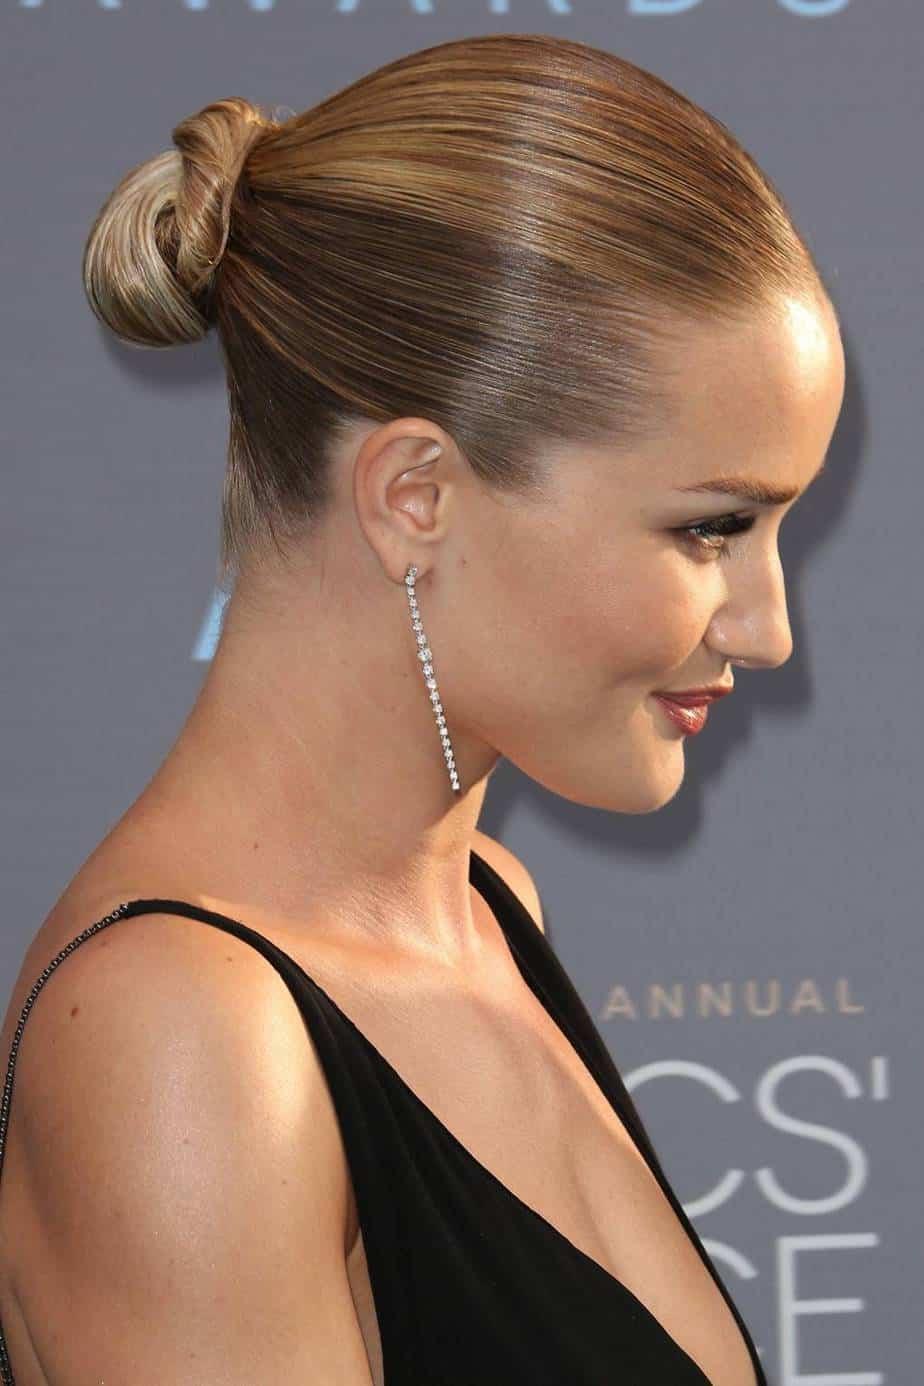 Popular and Cool Women Hairstyles 2021 Sleek Low Bun